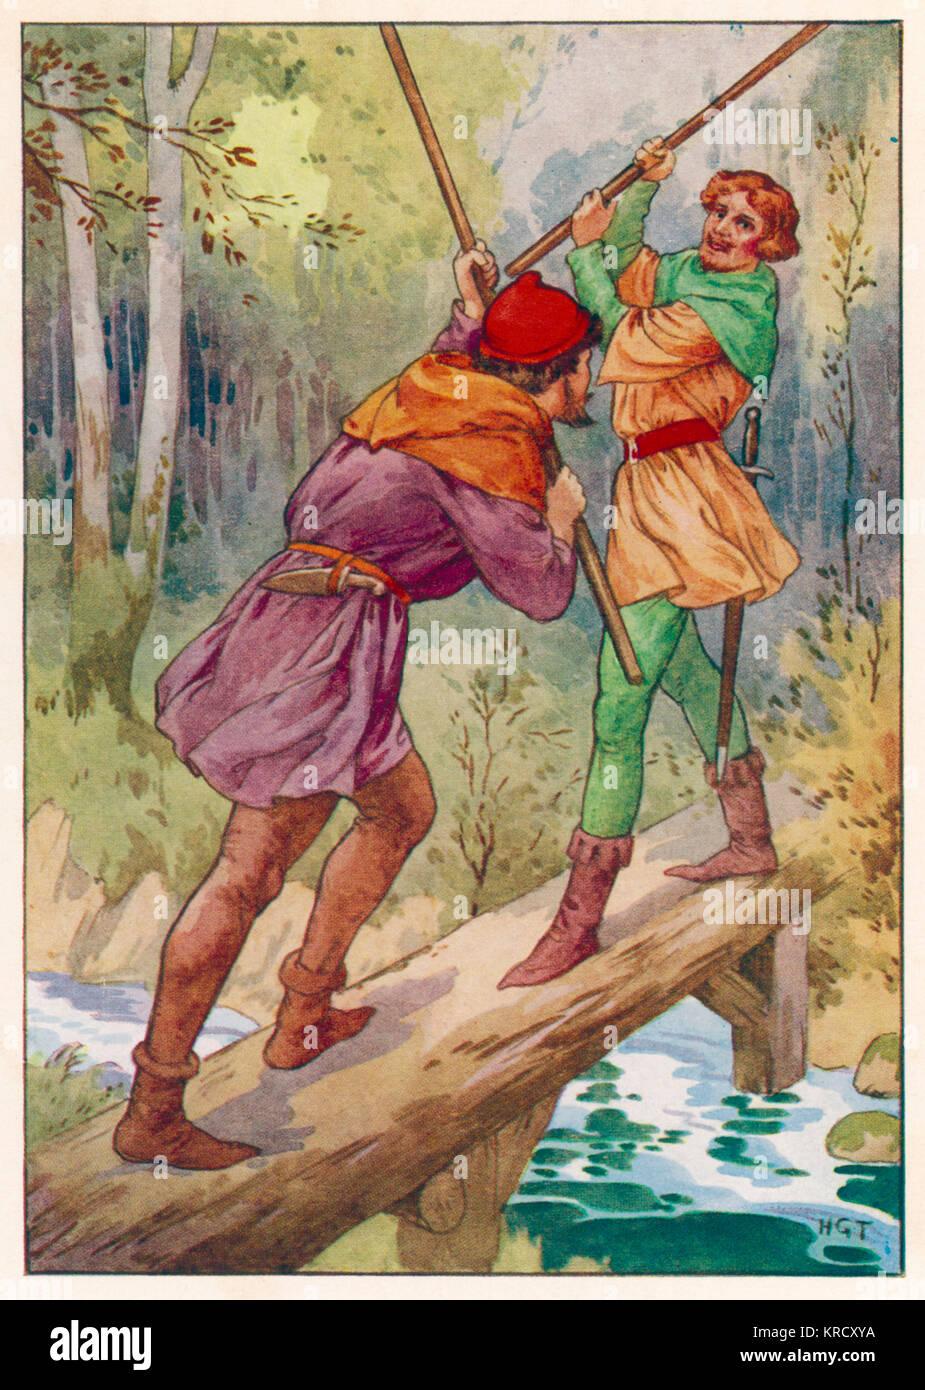 https://c8.alamy.com/compfr/krcxya/robin-hood-and-little-john-profitez-d-une-simulation-de-lutte-sur-un-petit-pont-sur-une-riviere-date-vers-1930-krcxya.jpg